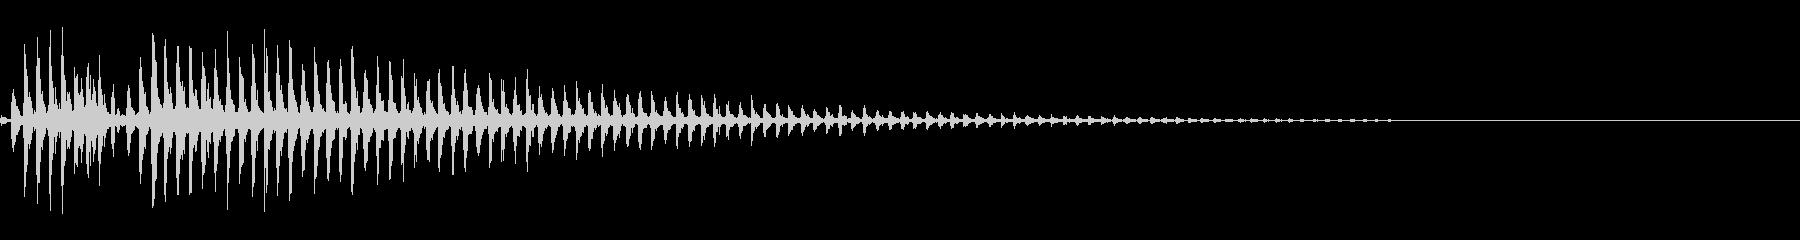 釣竿のリールのような音の未再生の波形